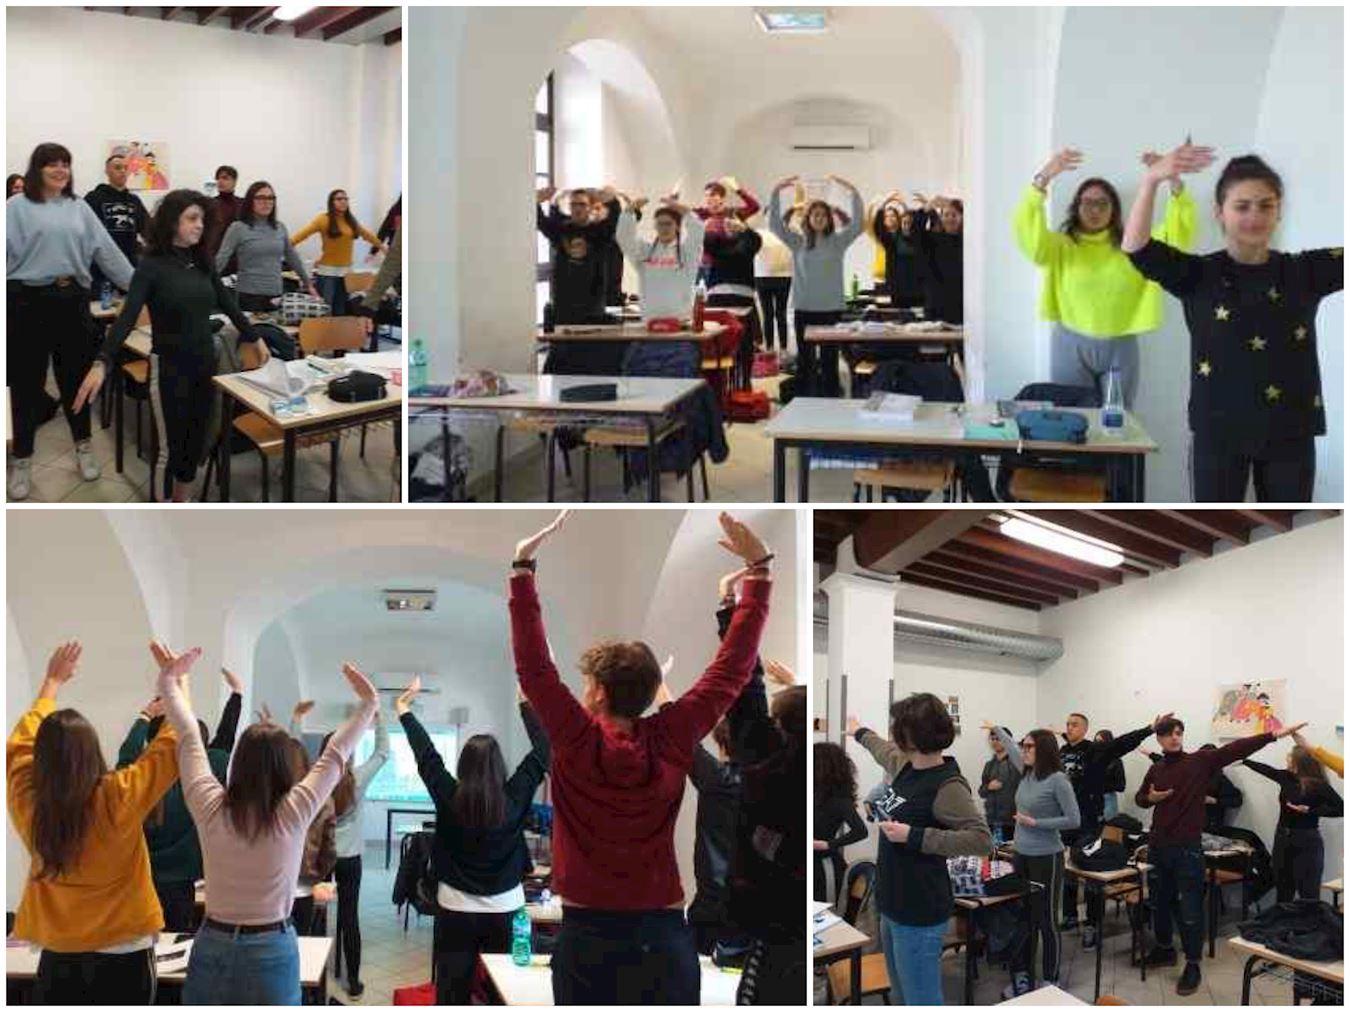 法輪功走進意大利南部高中課堂 學生歡迎